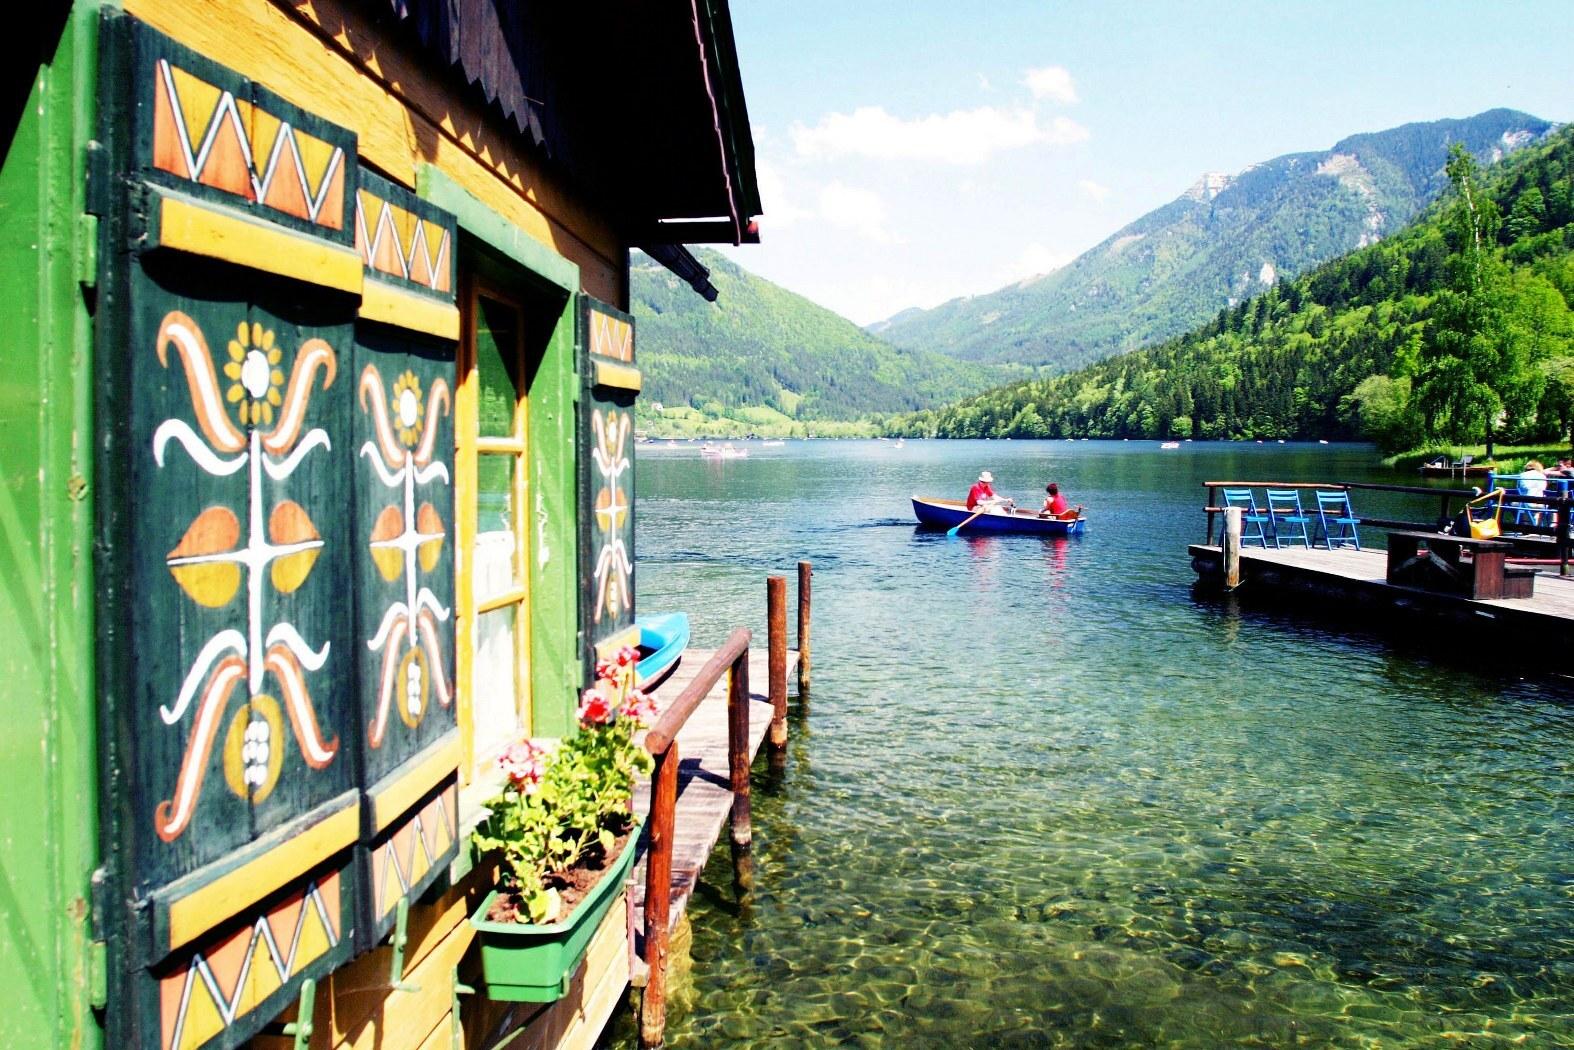 Озеро Лунцер Зее; (c) Mostviertel Tourismus / weinfranz.at